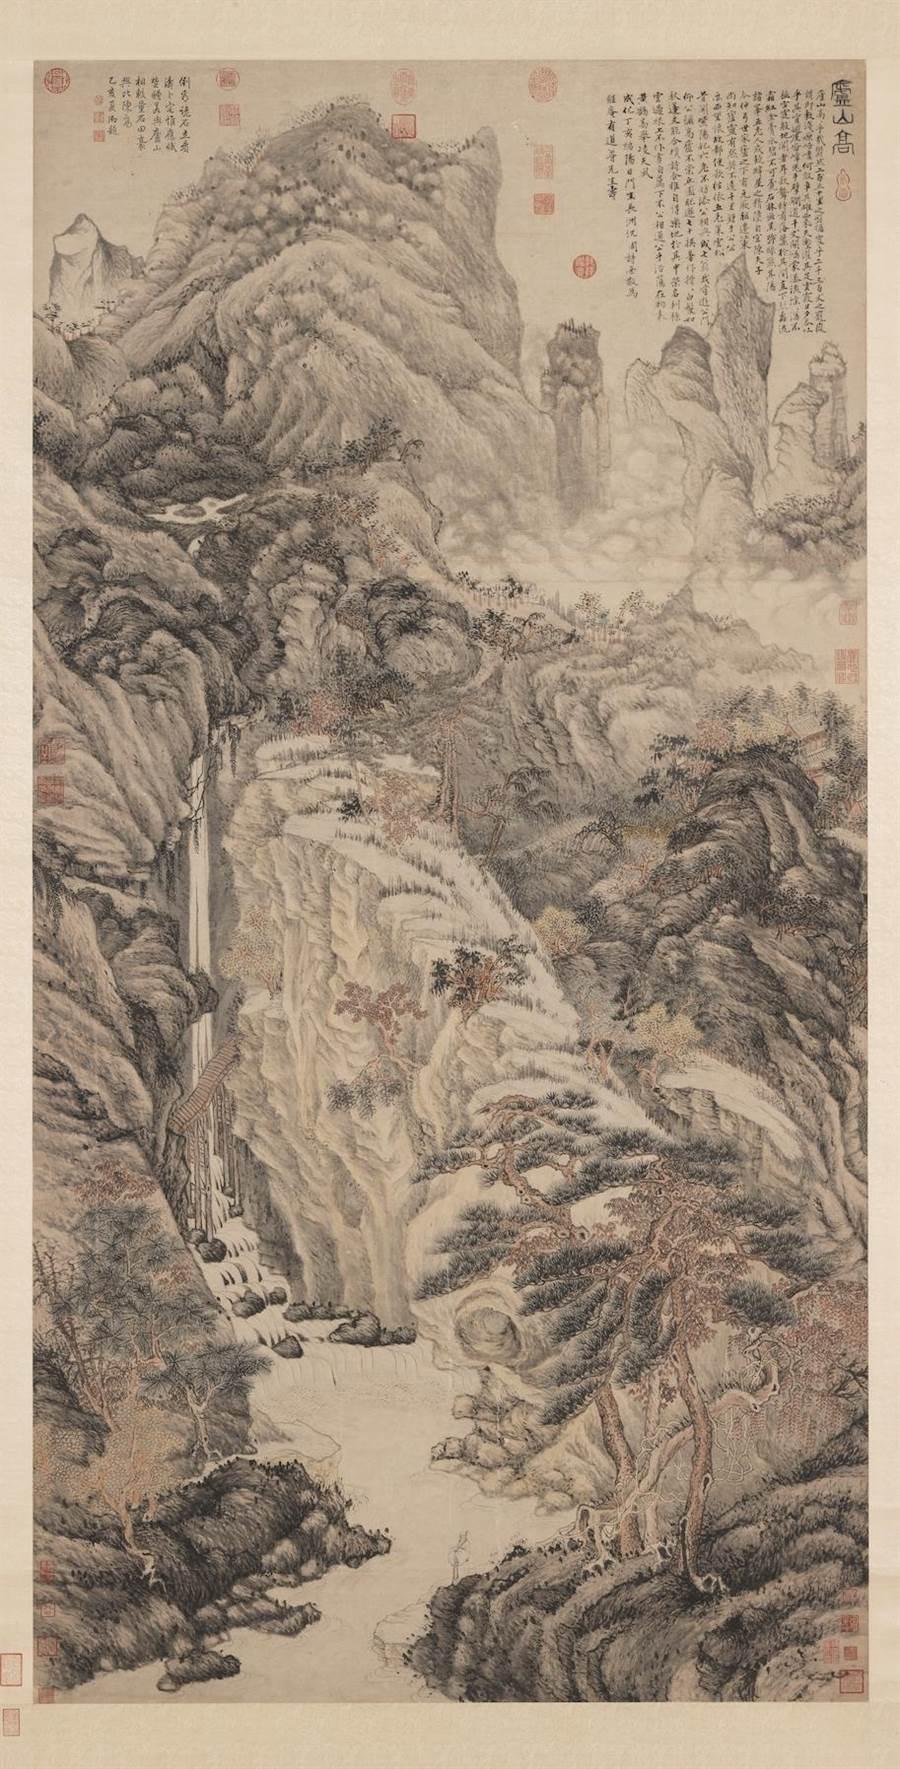 沈周的〈畫廬山高〉是根據文學意象而來的想像之作。(國立故宮博物院提供)